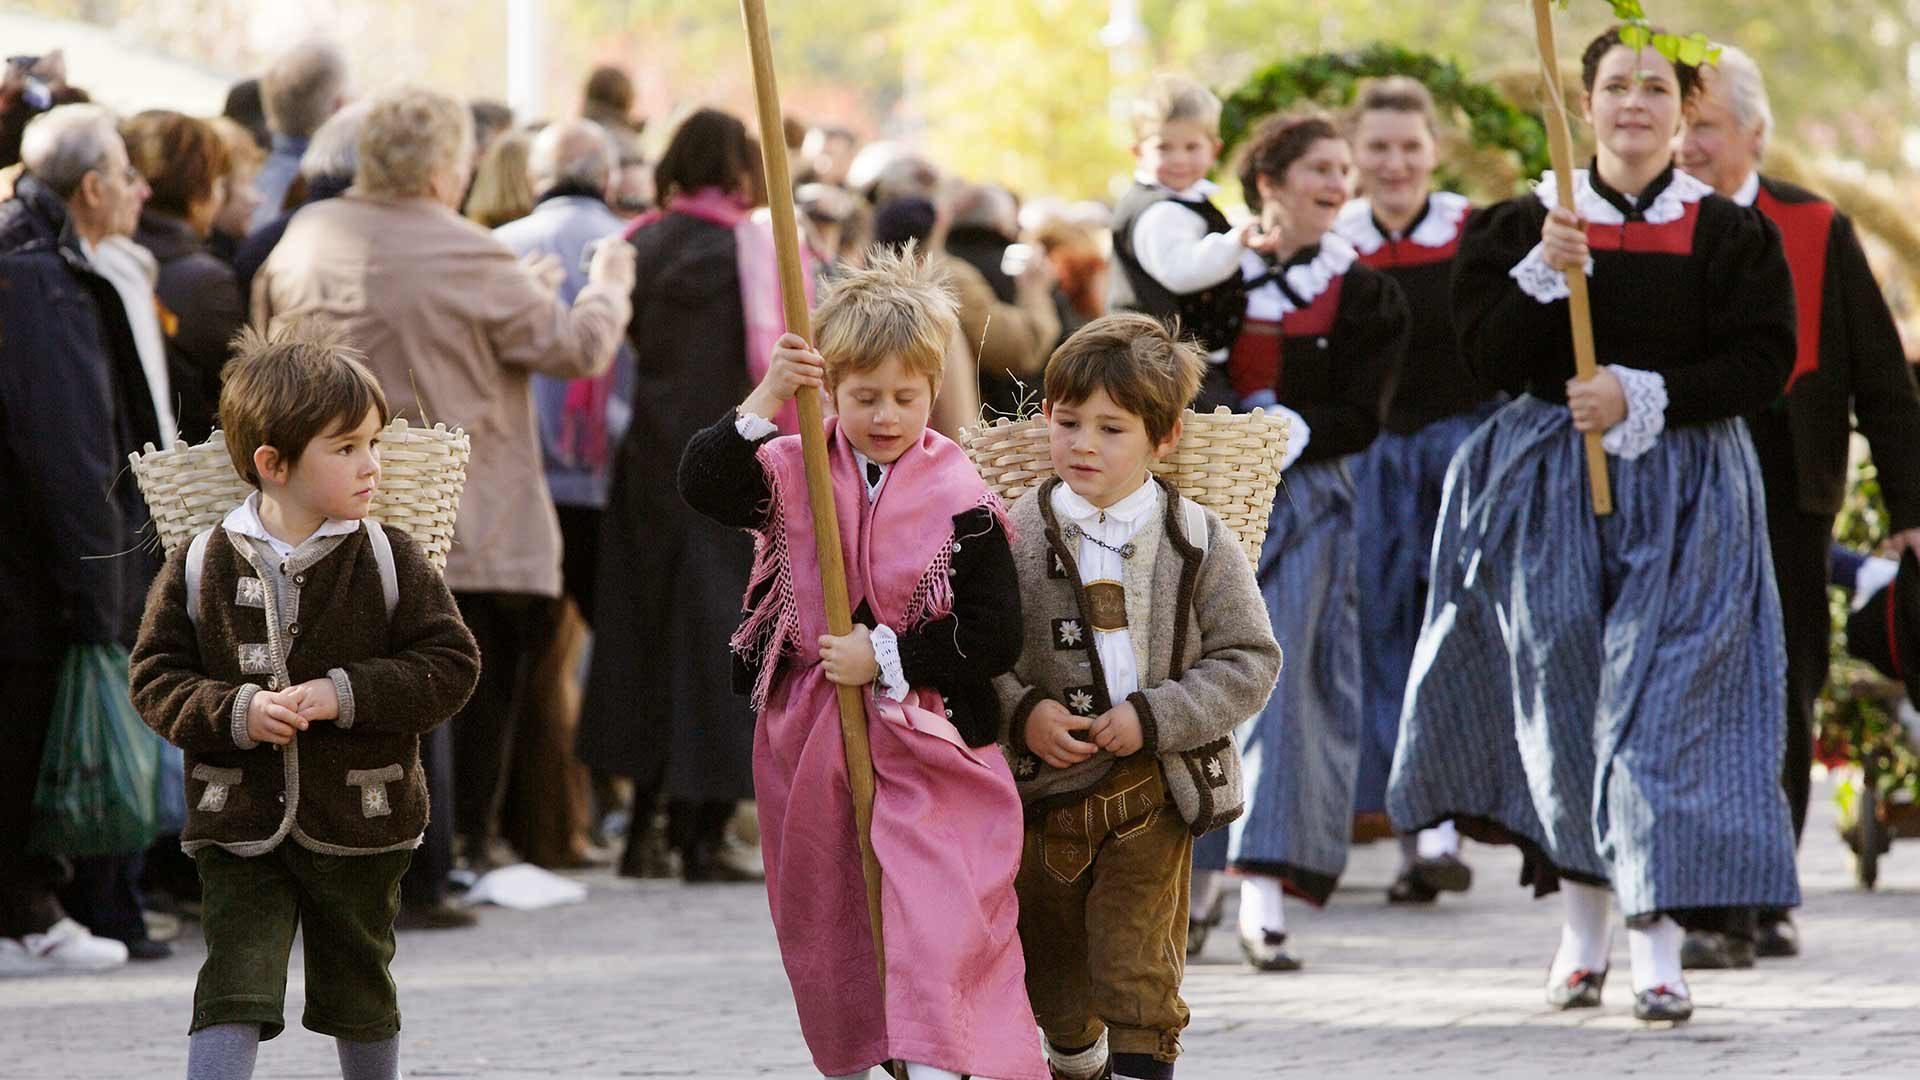 Il grande corteo - Festa dell'Uva a Merano